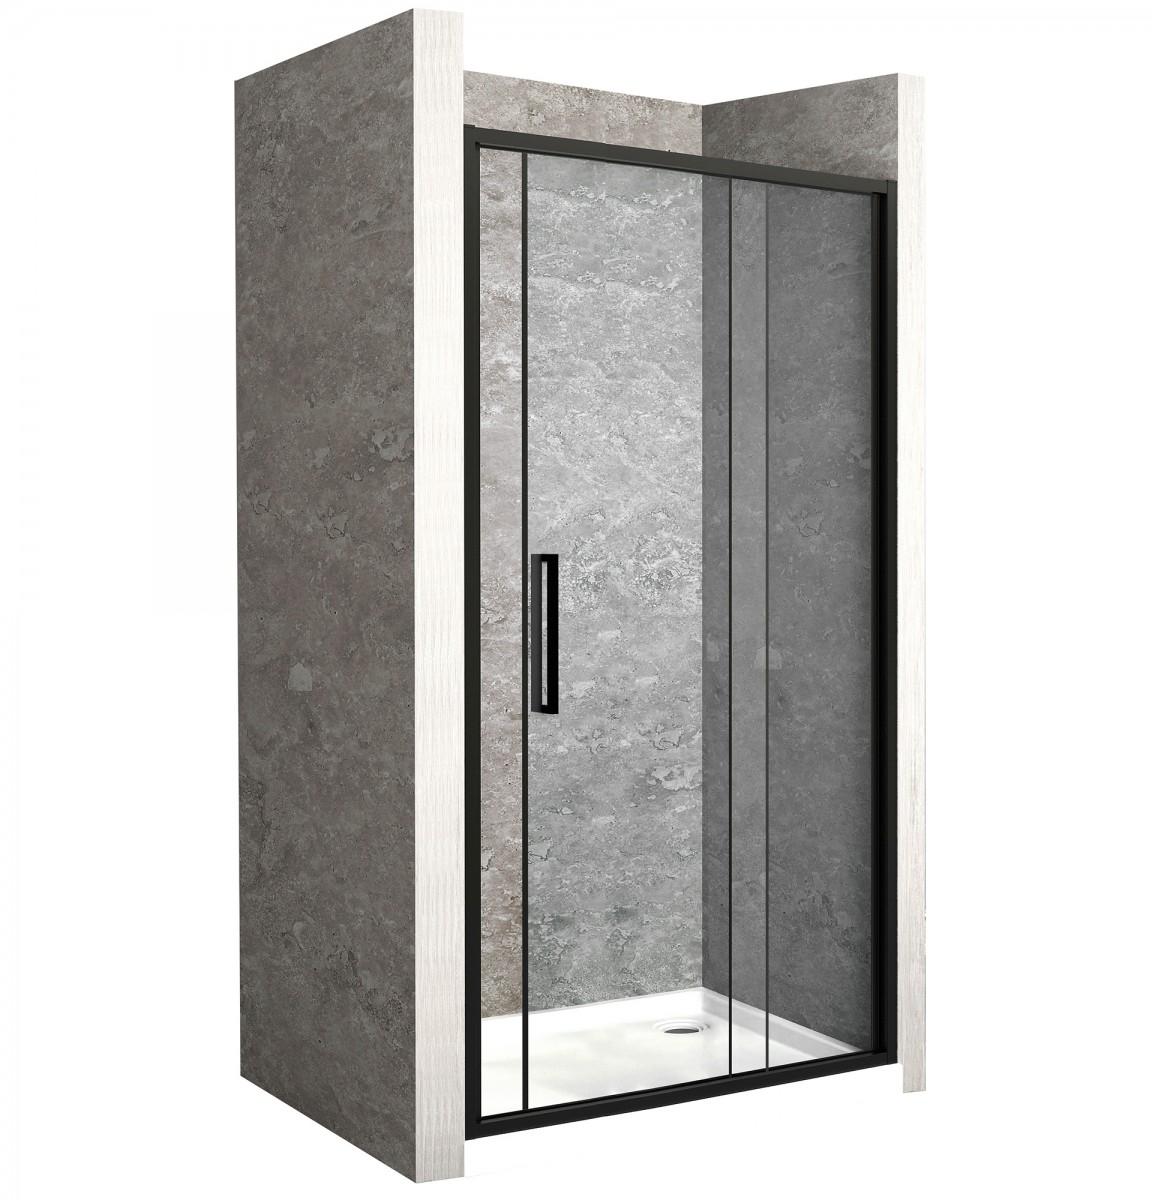 REA Sprchové dveře Rapid Slide 120 cm